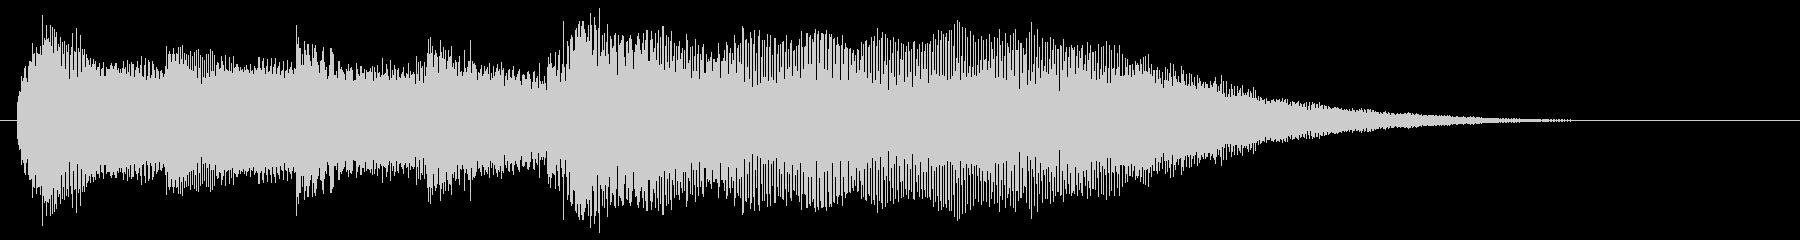 サウンドロゴ、ジングル(ギター)の未再生の波形